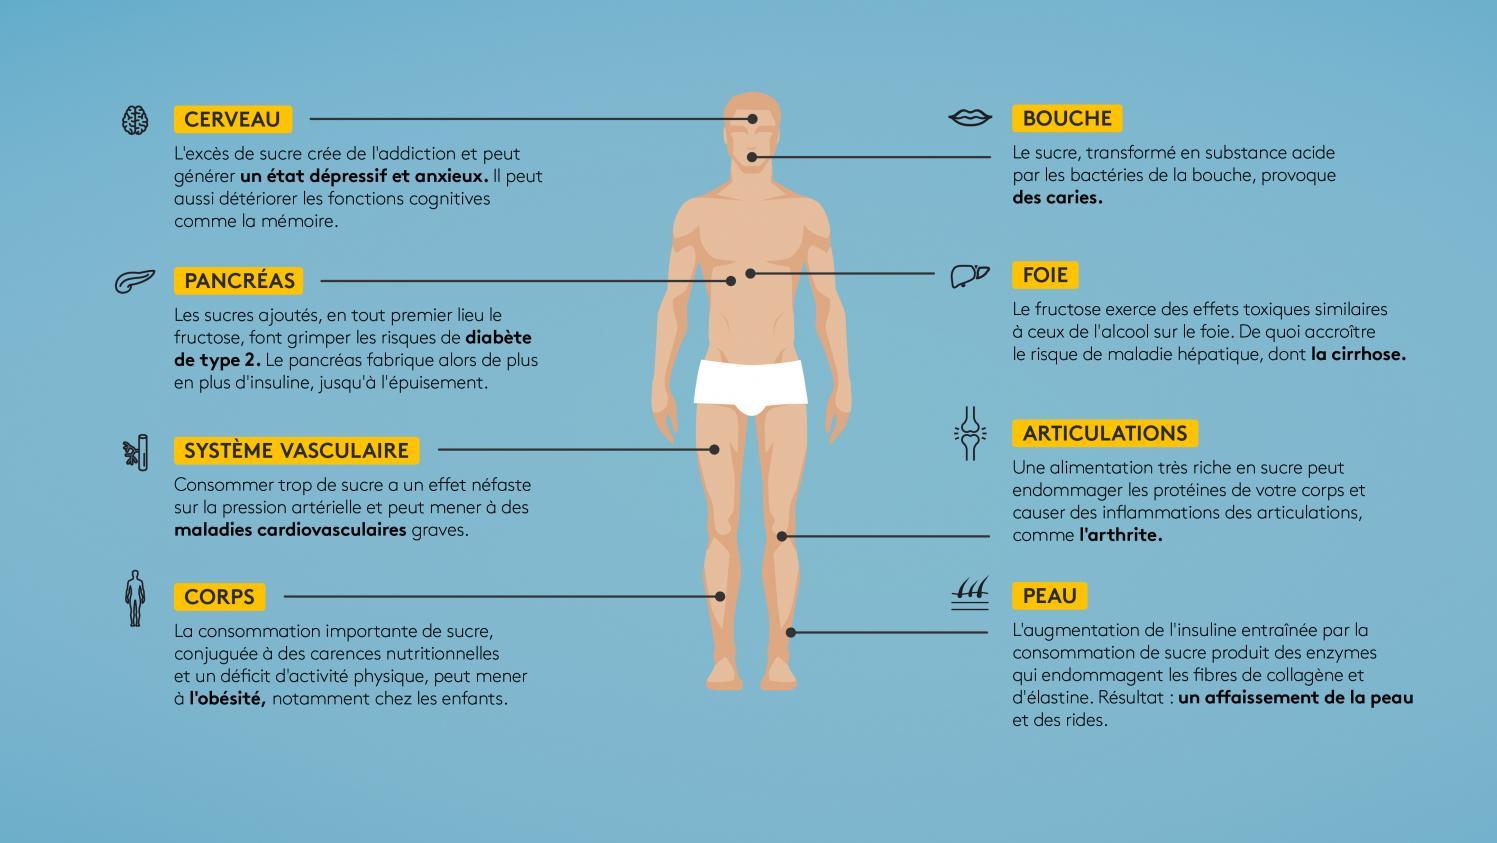 Quels sont les effets du viagra